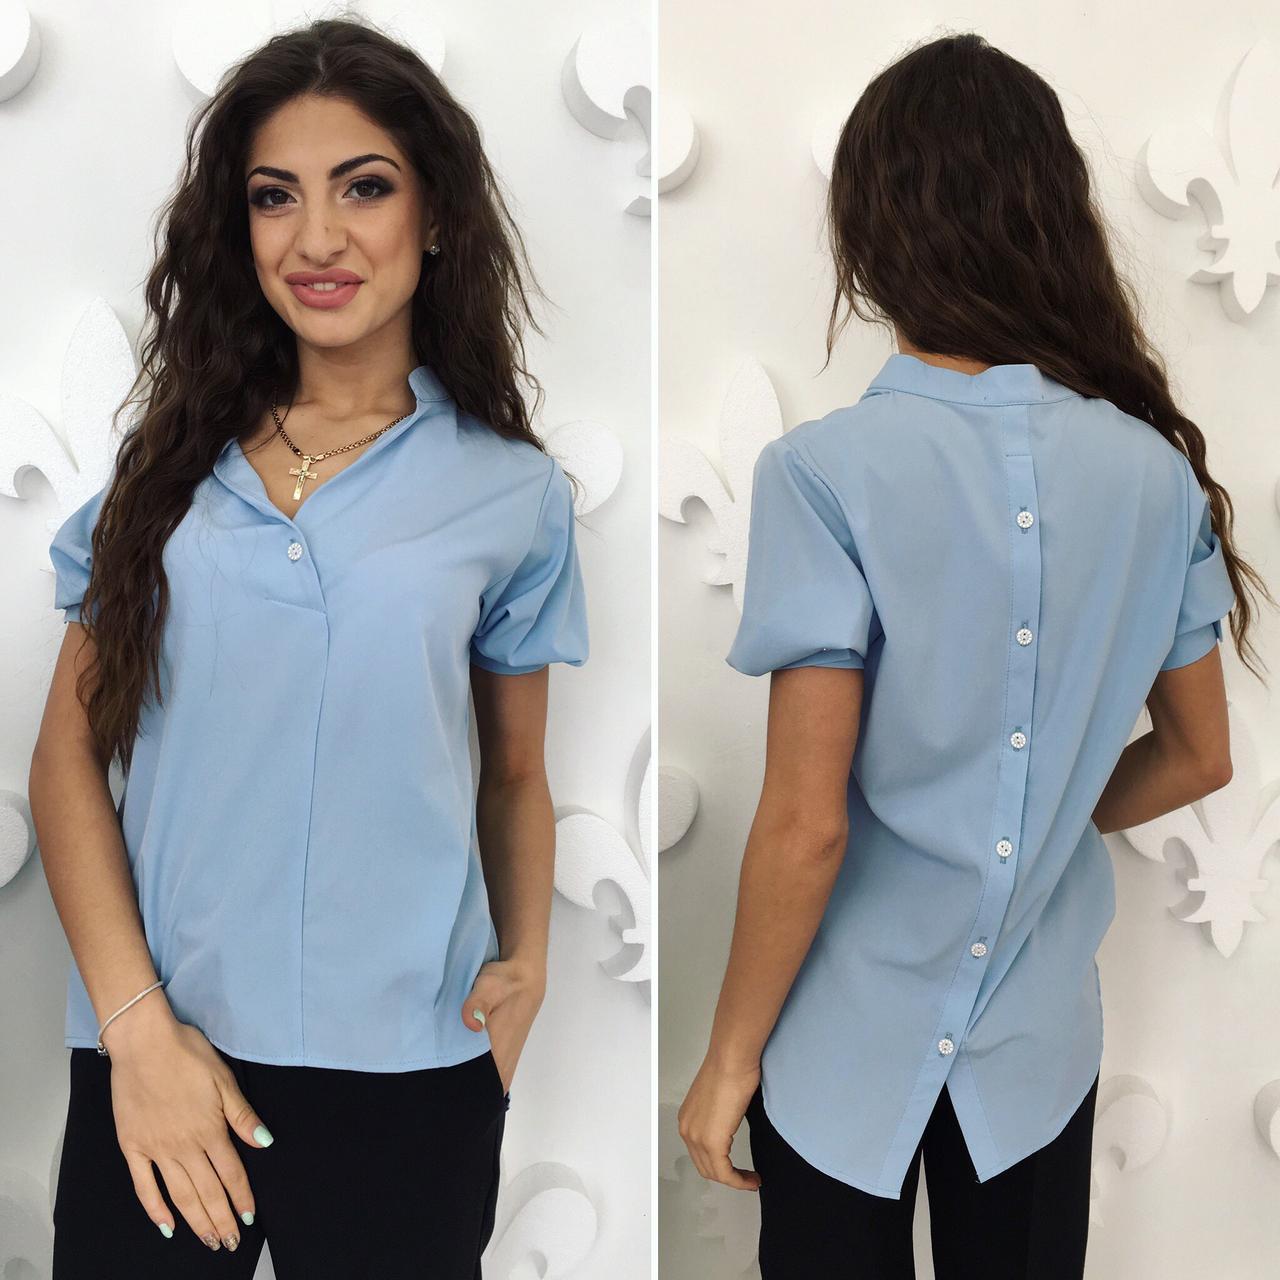 47c259d52f67 Блузка с пуговицами на спине - All You Need - прямой поставщик женской  одежды оптом и